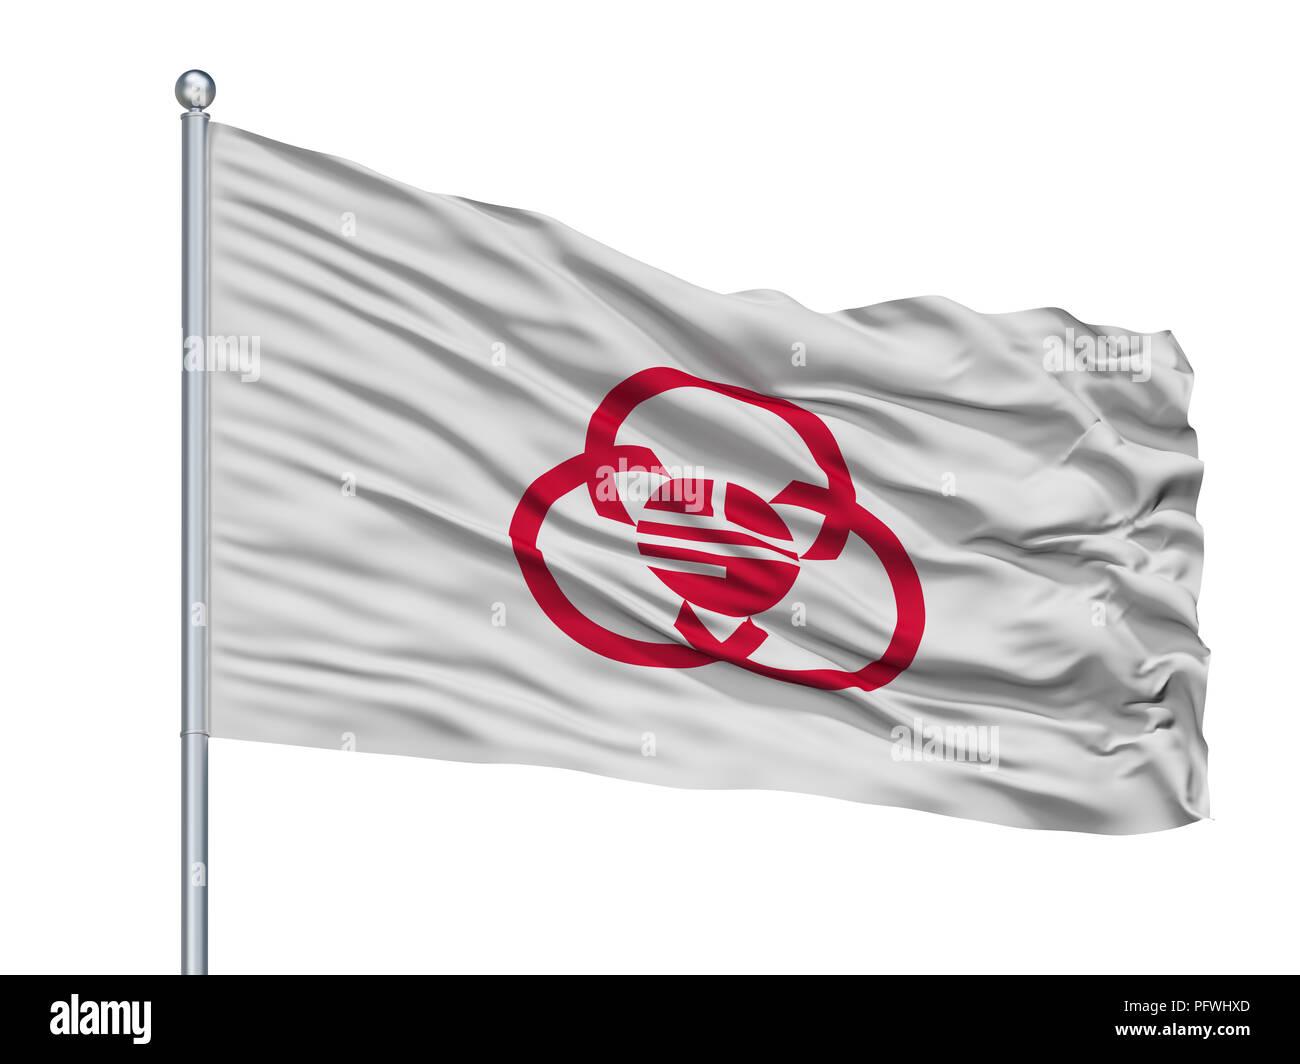 Sagamihara City Flag On Flagpole, Japan, Kanagawa Prefecture, Isolated On White Background - Stock Image